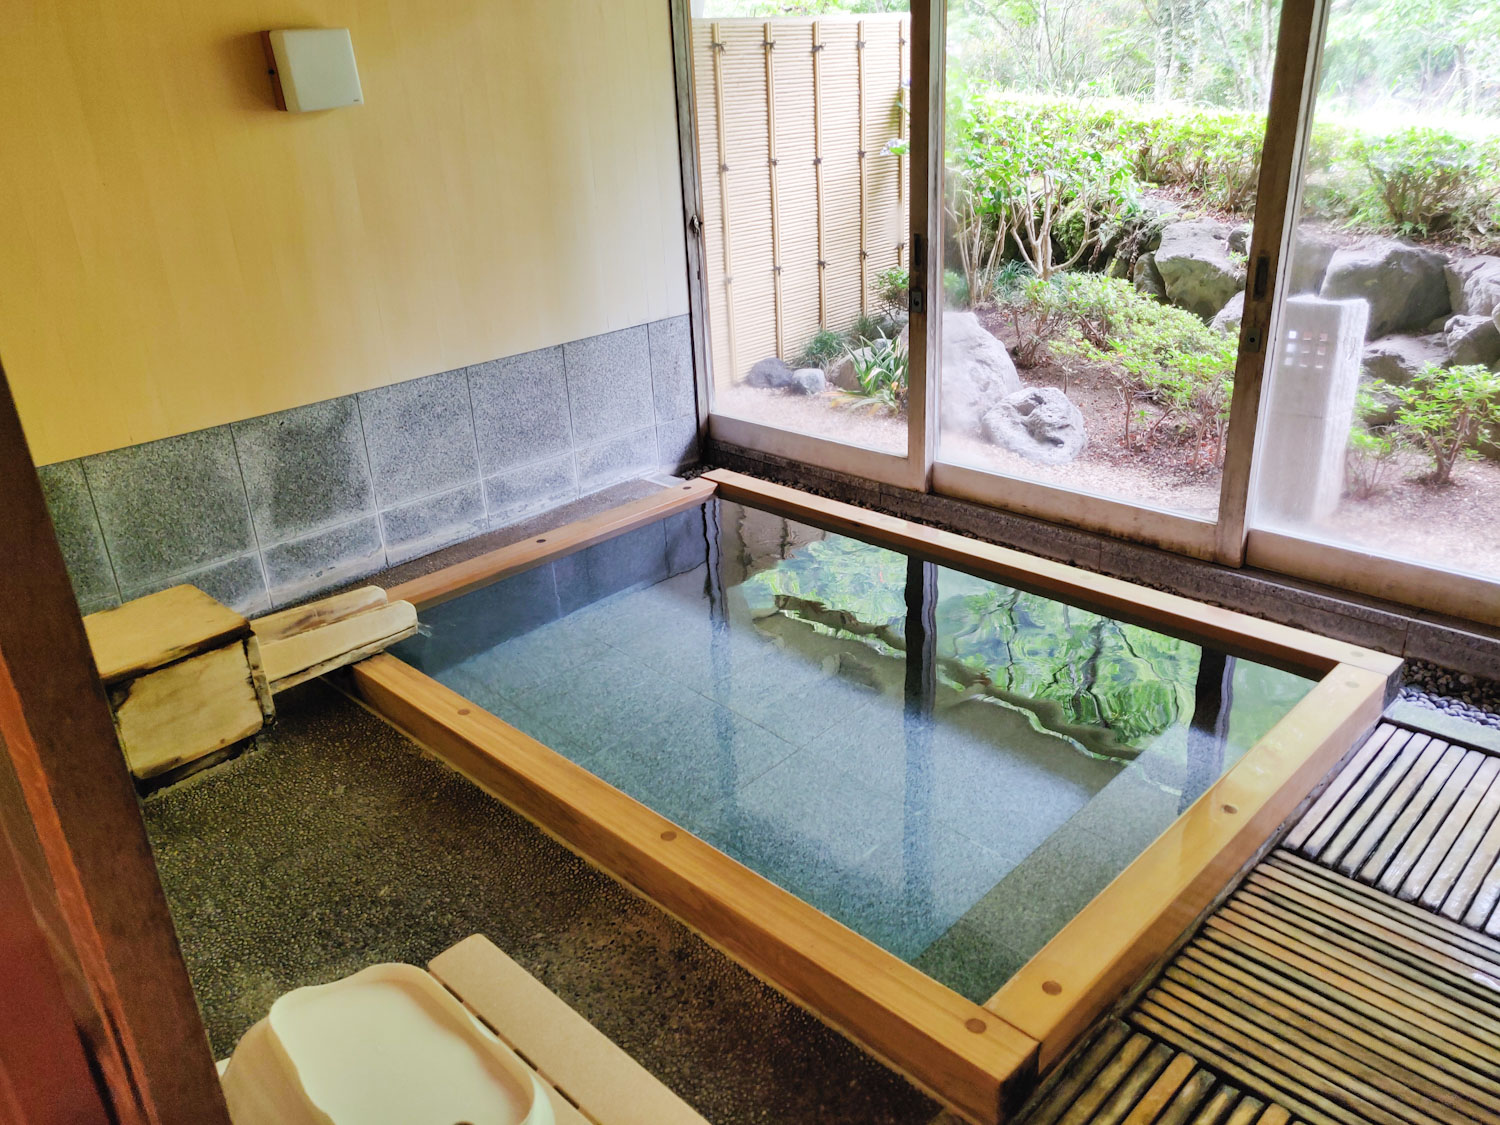 中川温泉信玄館 山色の湯浴槽